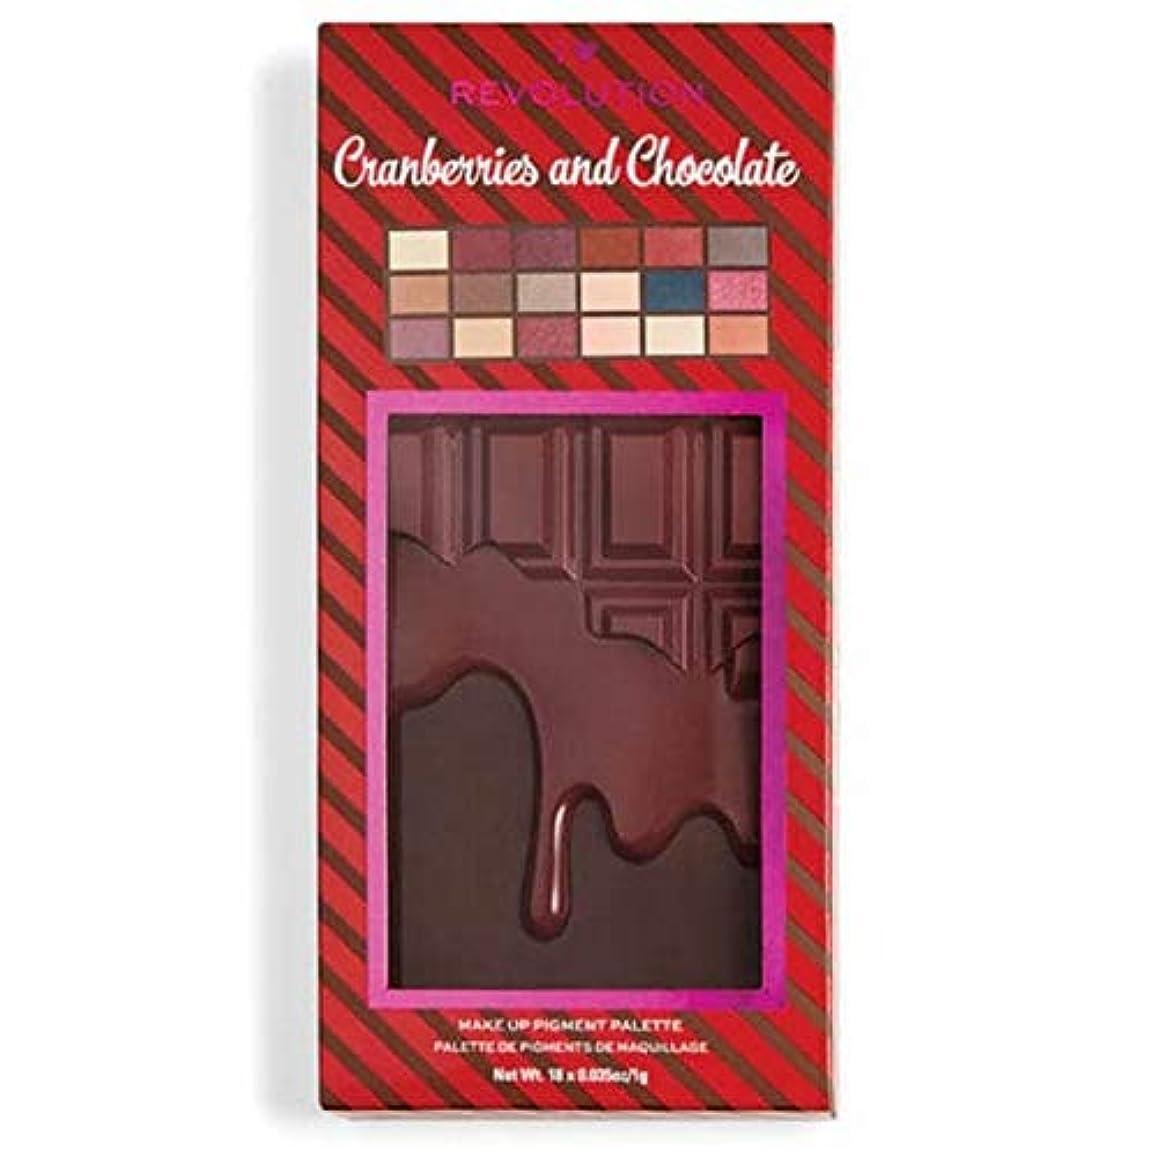 バルセロナ義務やさしい[I Heart Revolution ] 私の心の革命クランベリー&チョコレートパレット - I Heart Revolution Cranberries & Chocolate Palette [並行輸入品]